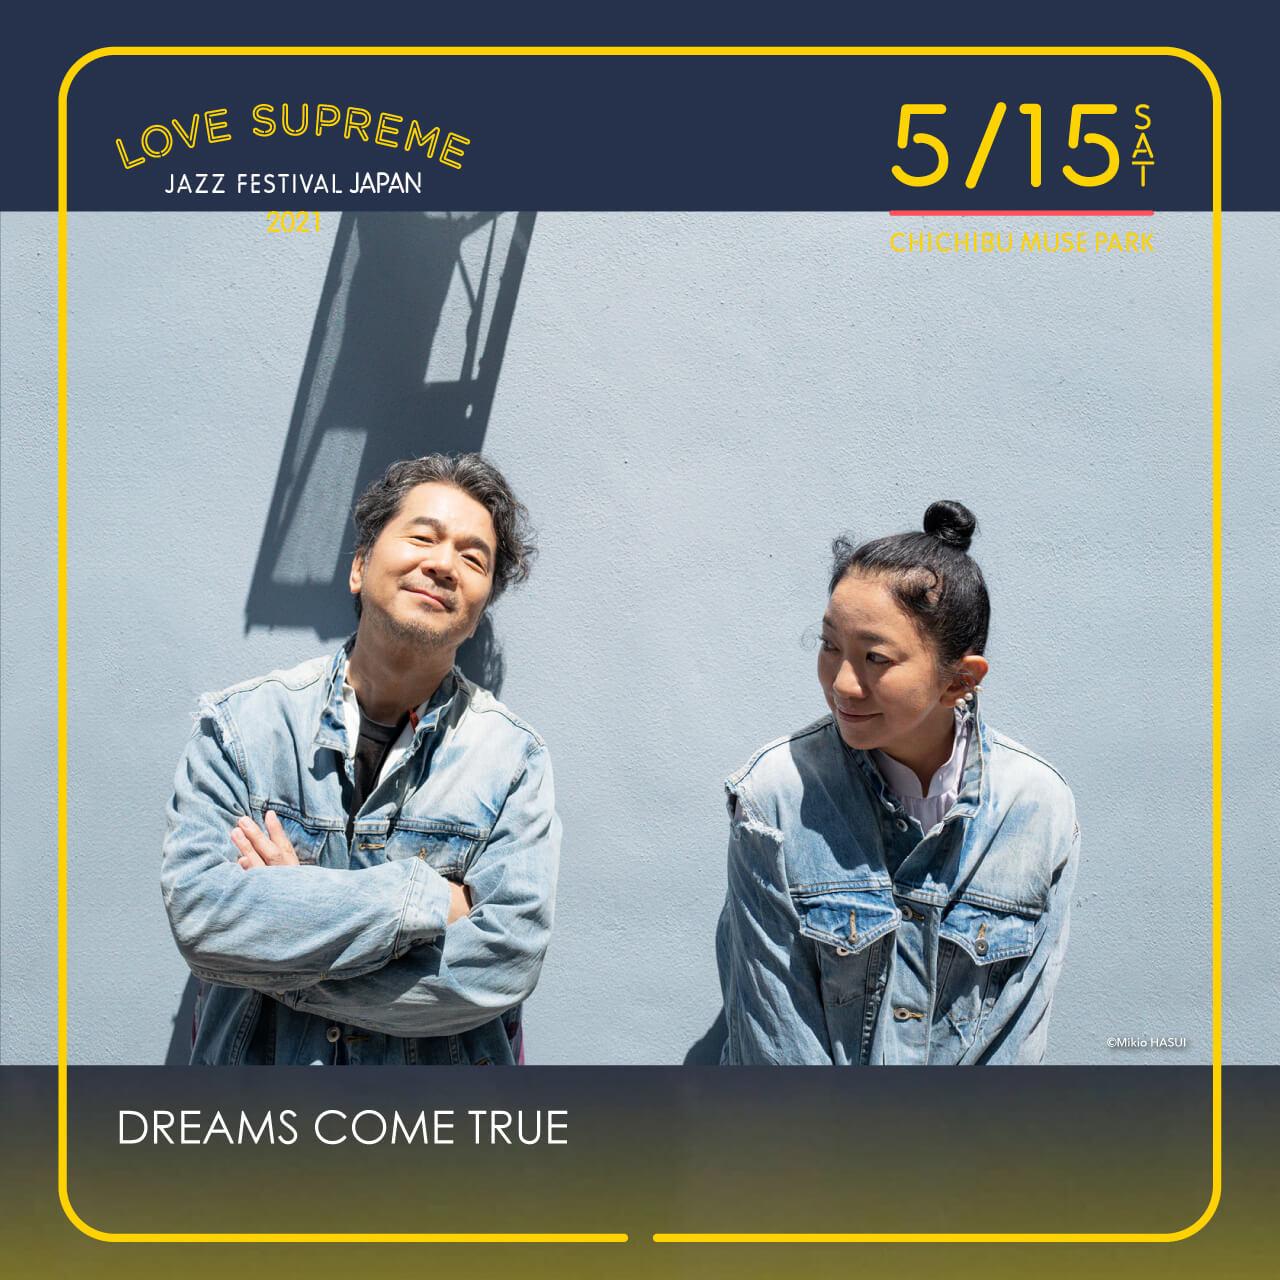 ジャズの祭典<LOVE SUPREME JAZZ FESTIVAL>が日本初開催決定!DREAMS COME TRUE、Ovall、WONKら第1弾アーティスト発表 music210308_lovesupreme_8